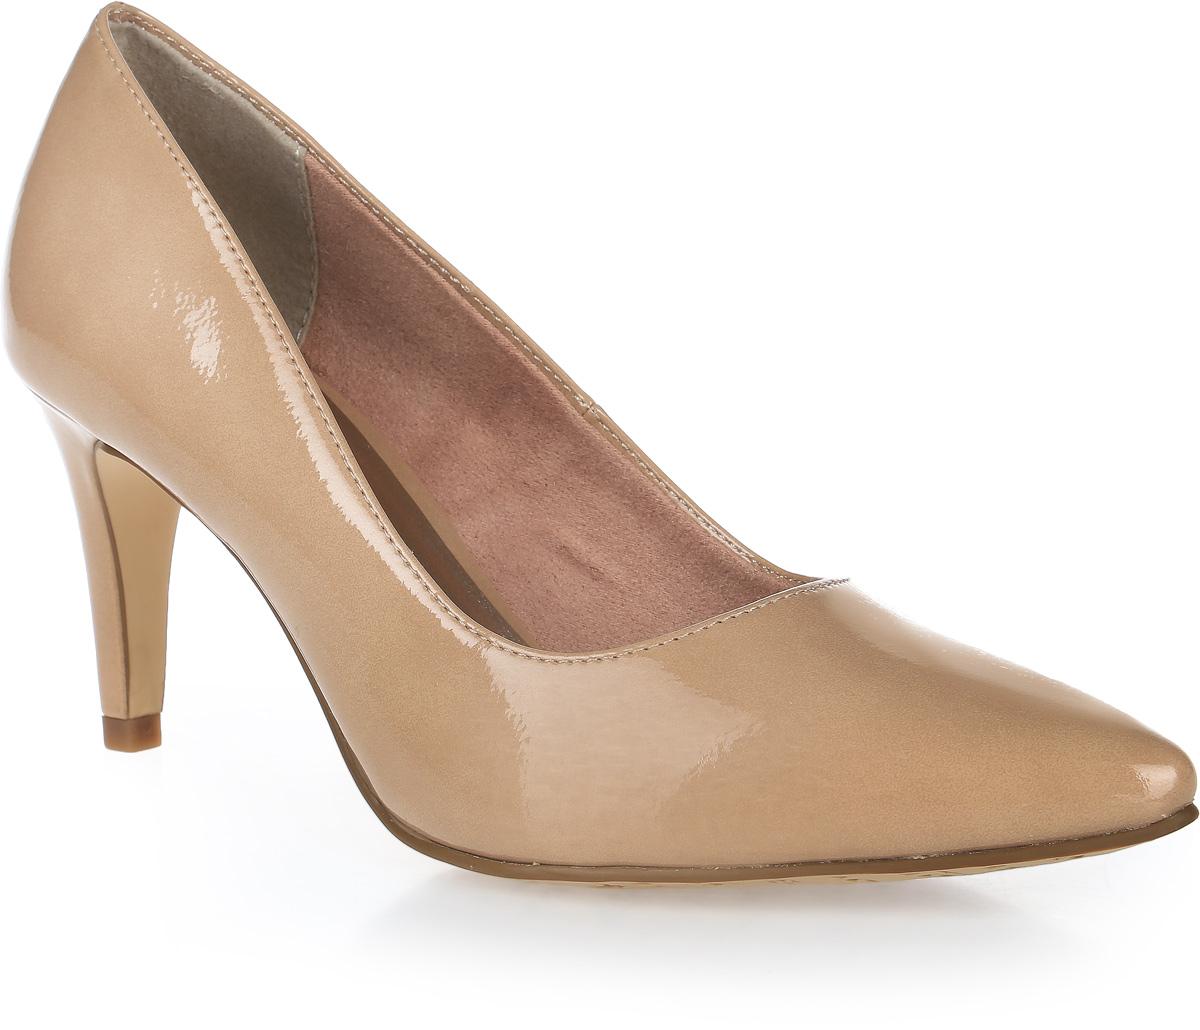 Туфли женские Tamaris, цвет: бежевый. 1-1-22447-28-253/220. Размер 361-1-22447-28-253/220Стильные женские туфли Tamaris придутся вам по душе!Модель выполнена из искусственной кожи. Невероятно мягкая съемная стелька из искусственной кожи гарантирует максимальный комфорт при движении и позволяет ногам дышать. Устойчивый каблук и подошва не скользят.Удобные туфли помогут вам создать яркий, запоминающийся образ и выделиться среди окружающих.